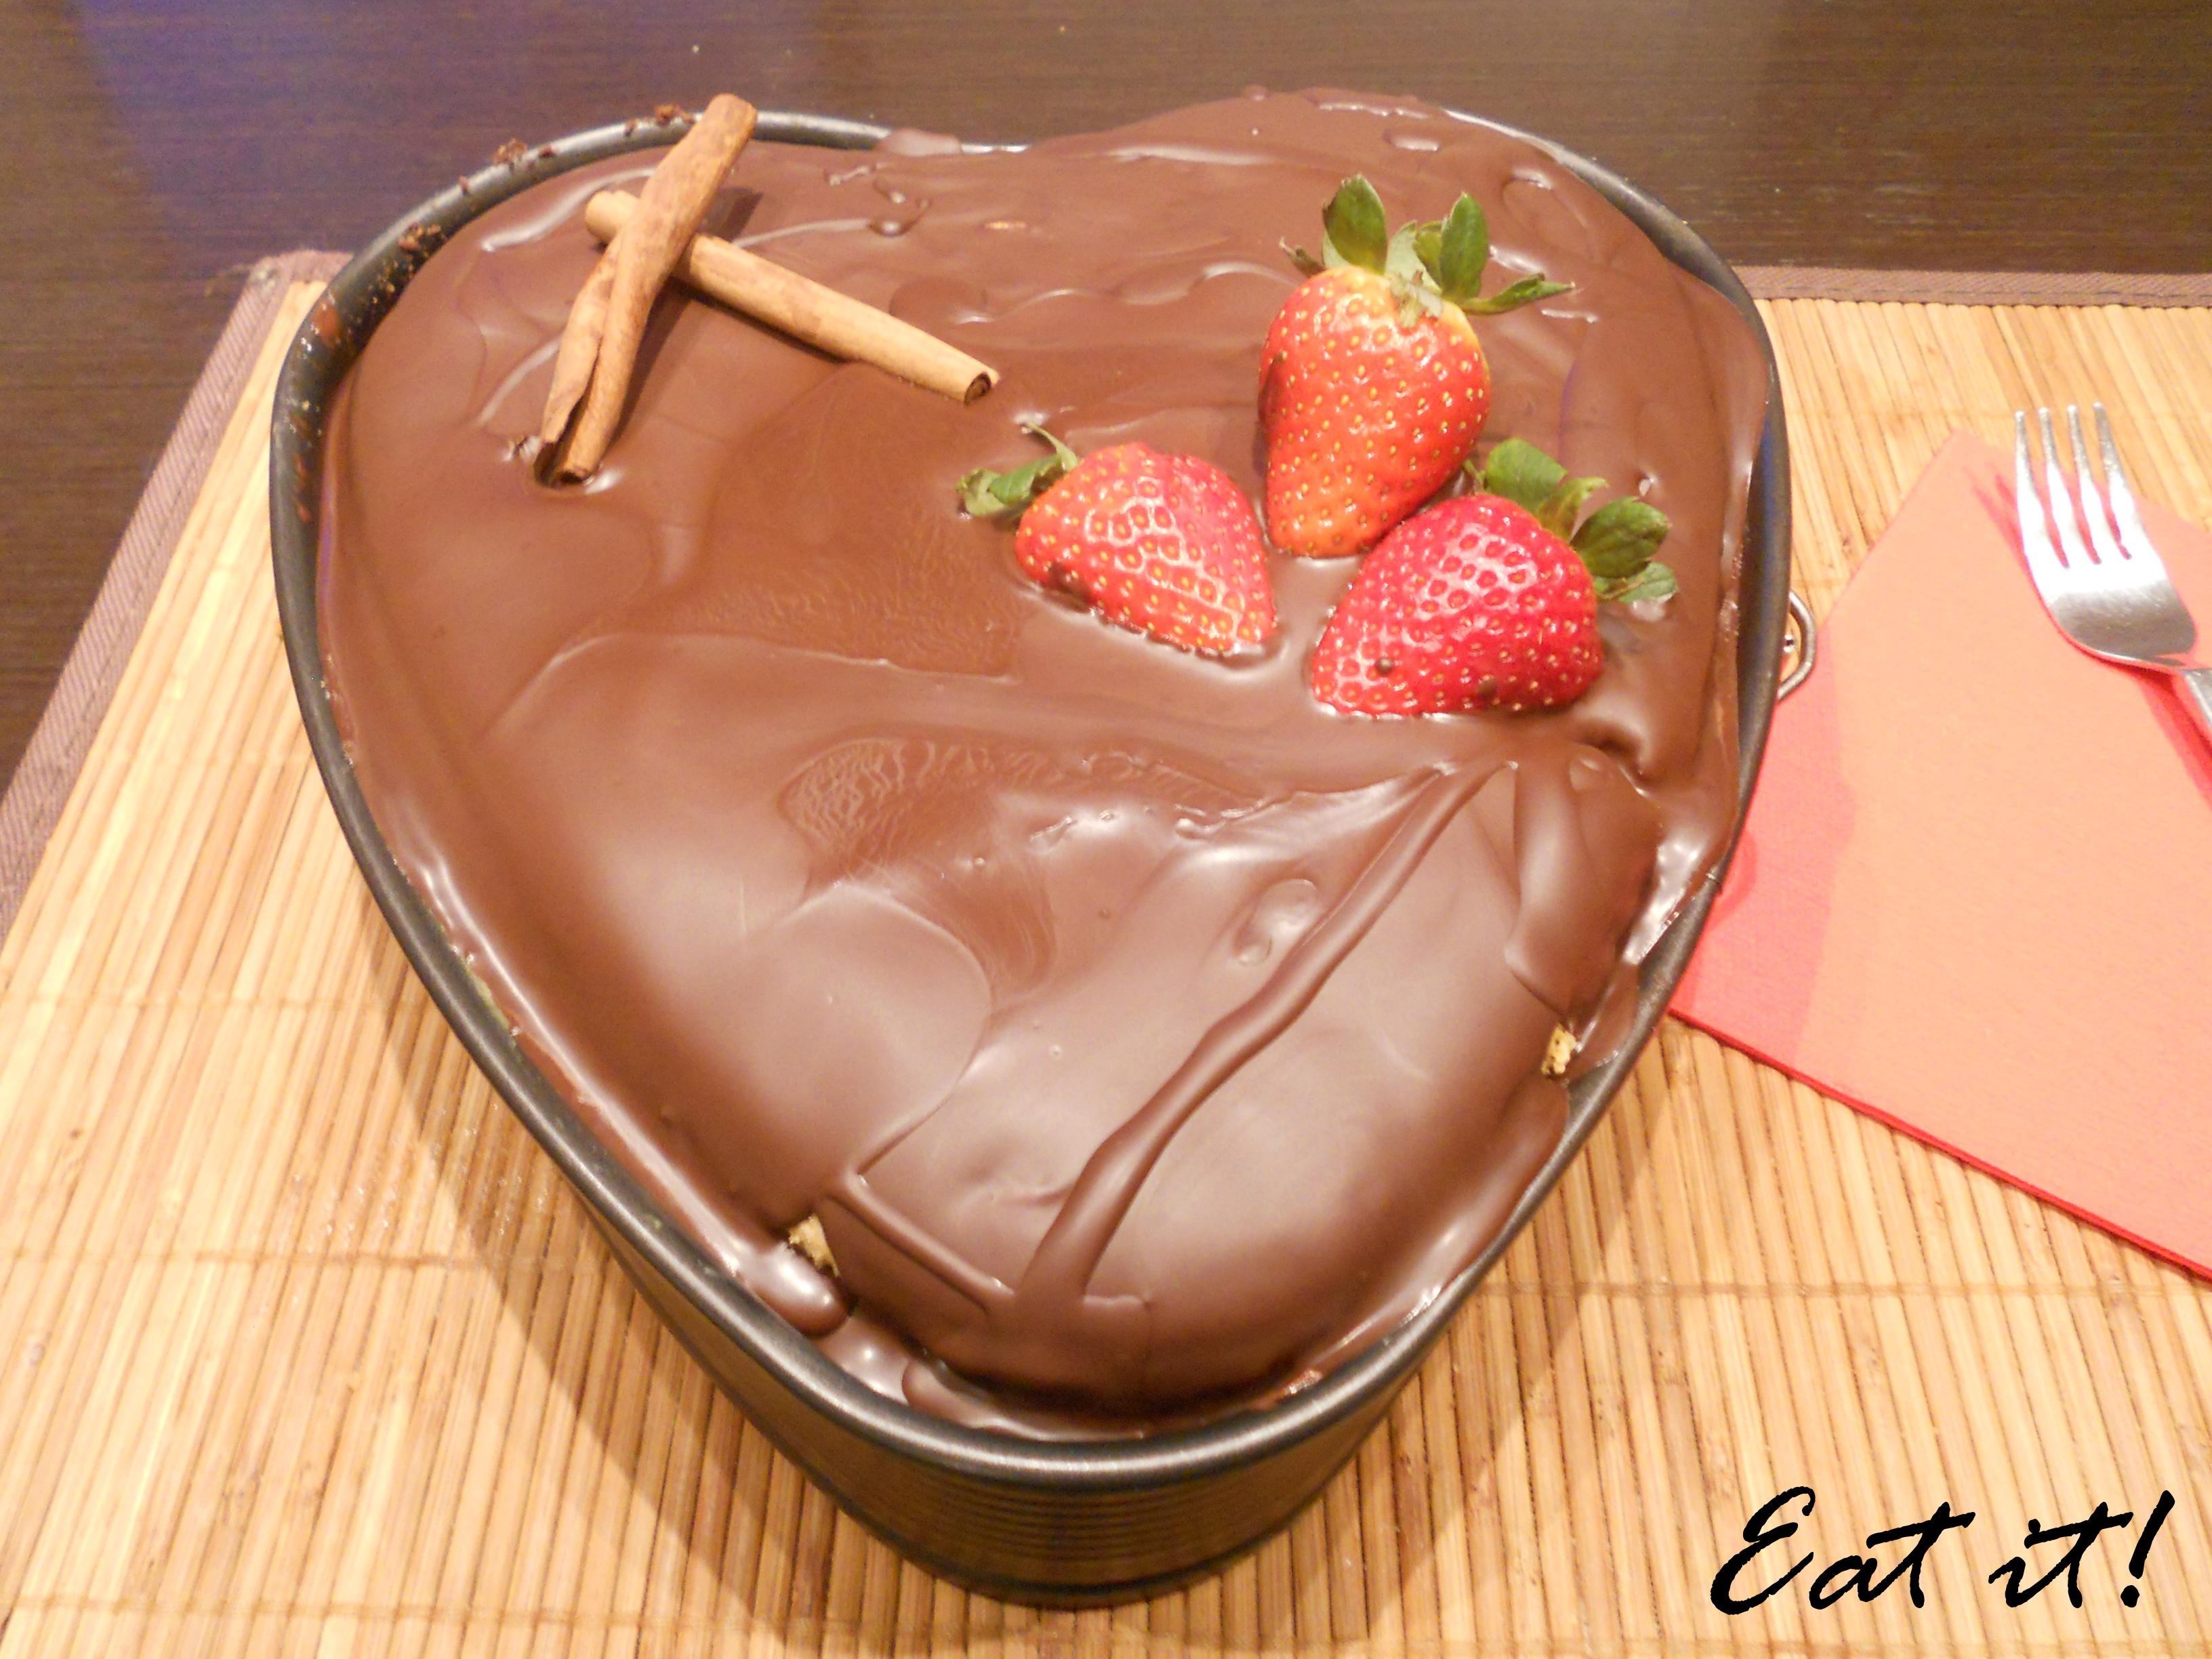 Copertura con cioccolato e decorazioni